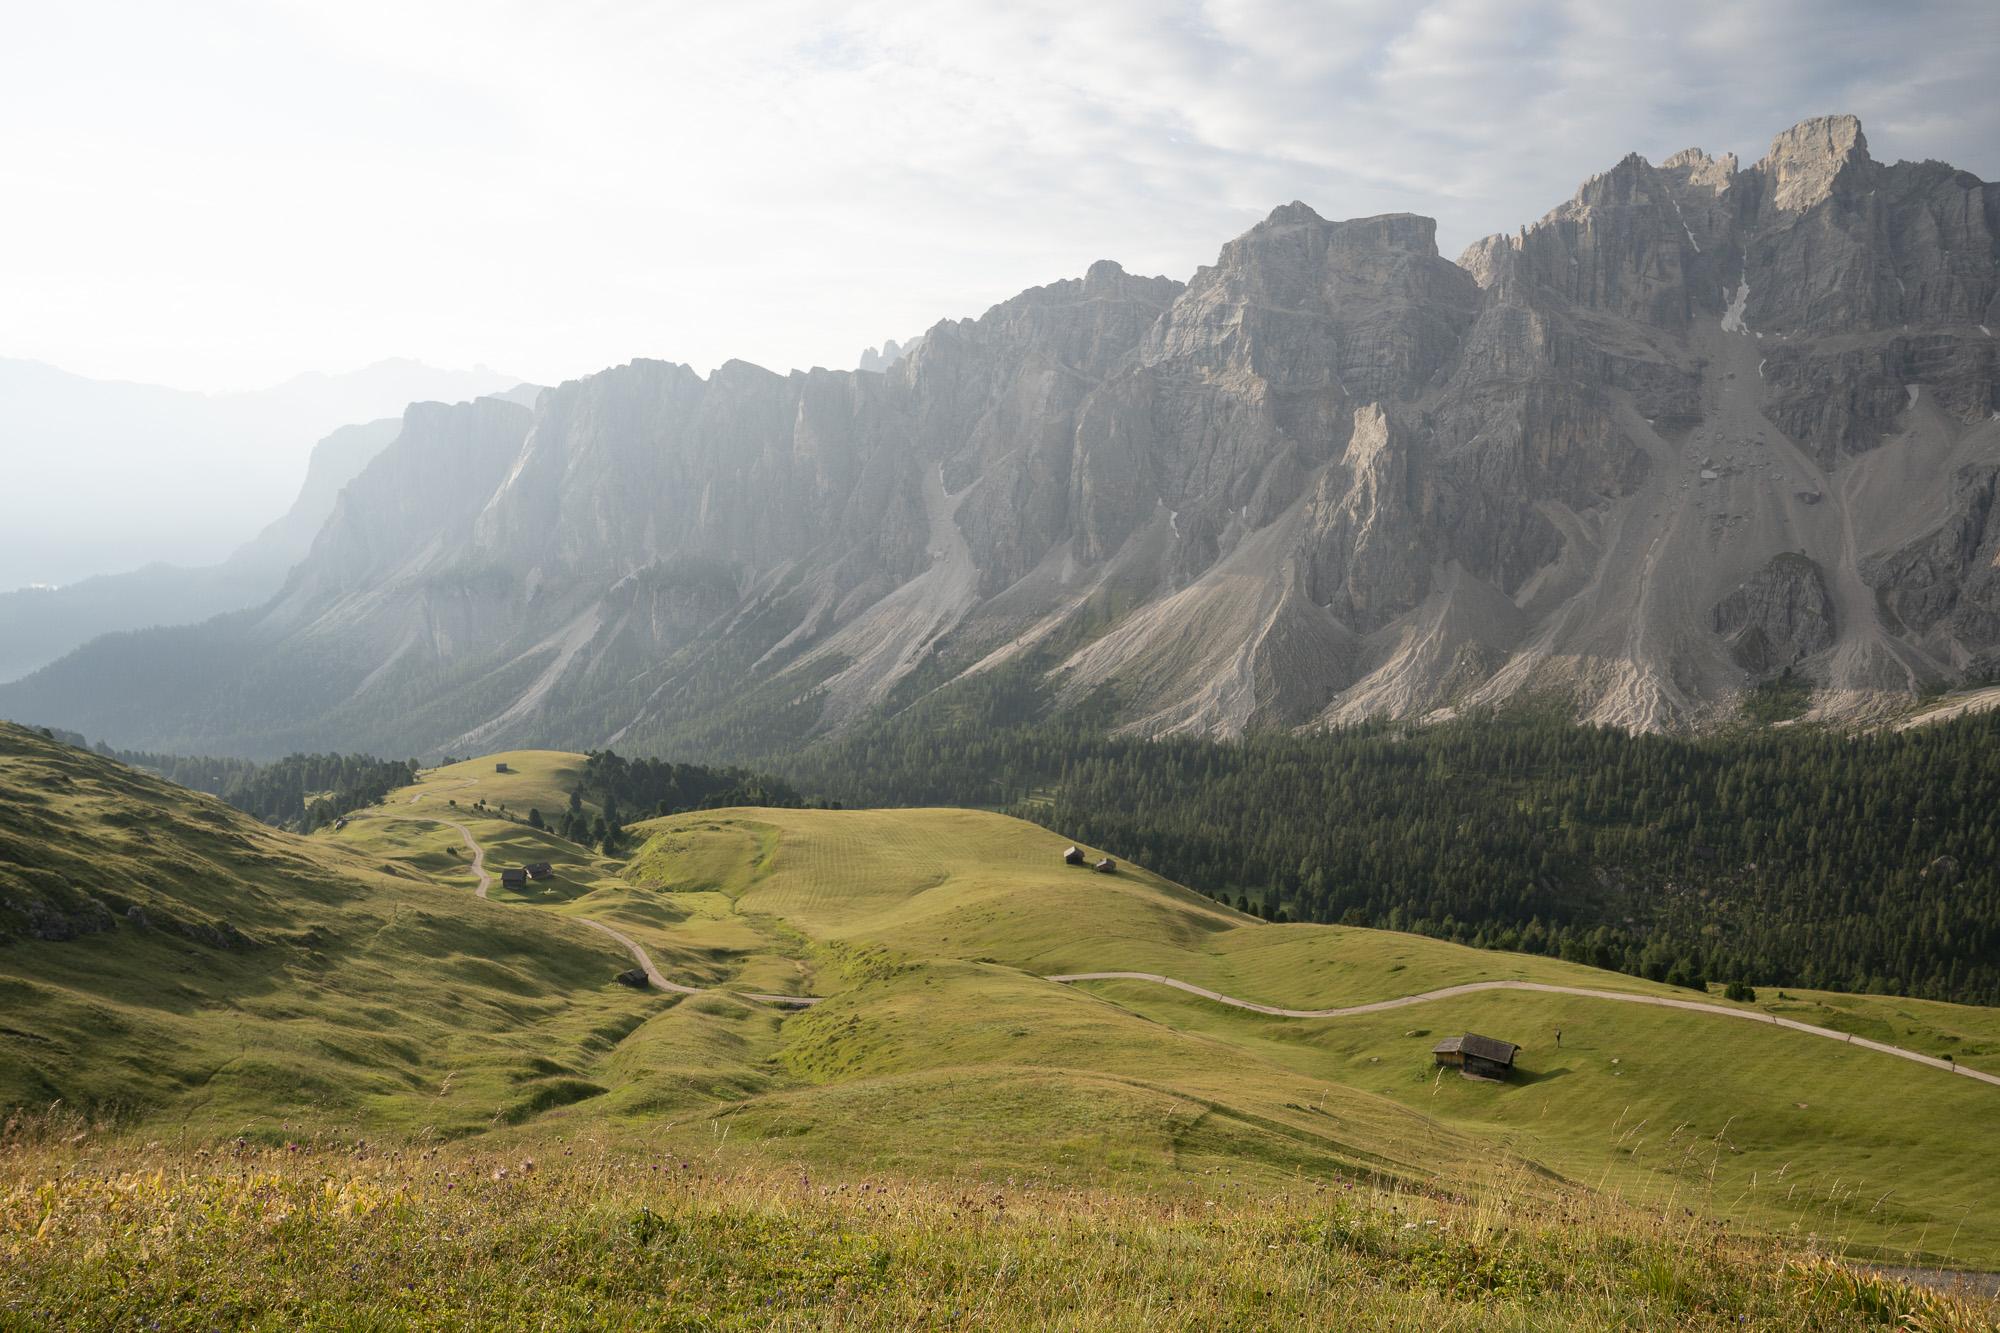 Bergwelten_Südtirol_Campill_Preview_0818_078.jpg